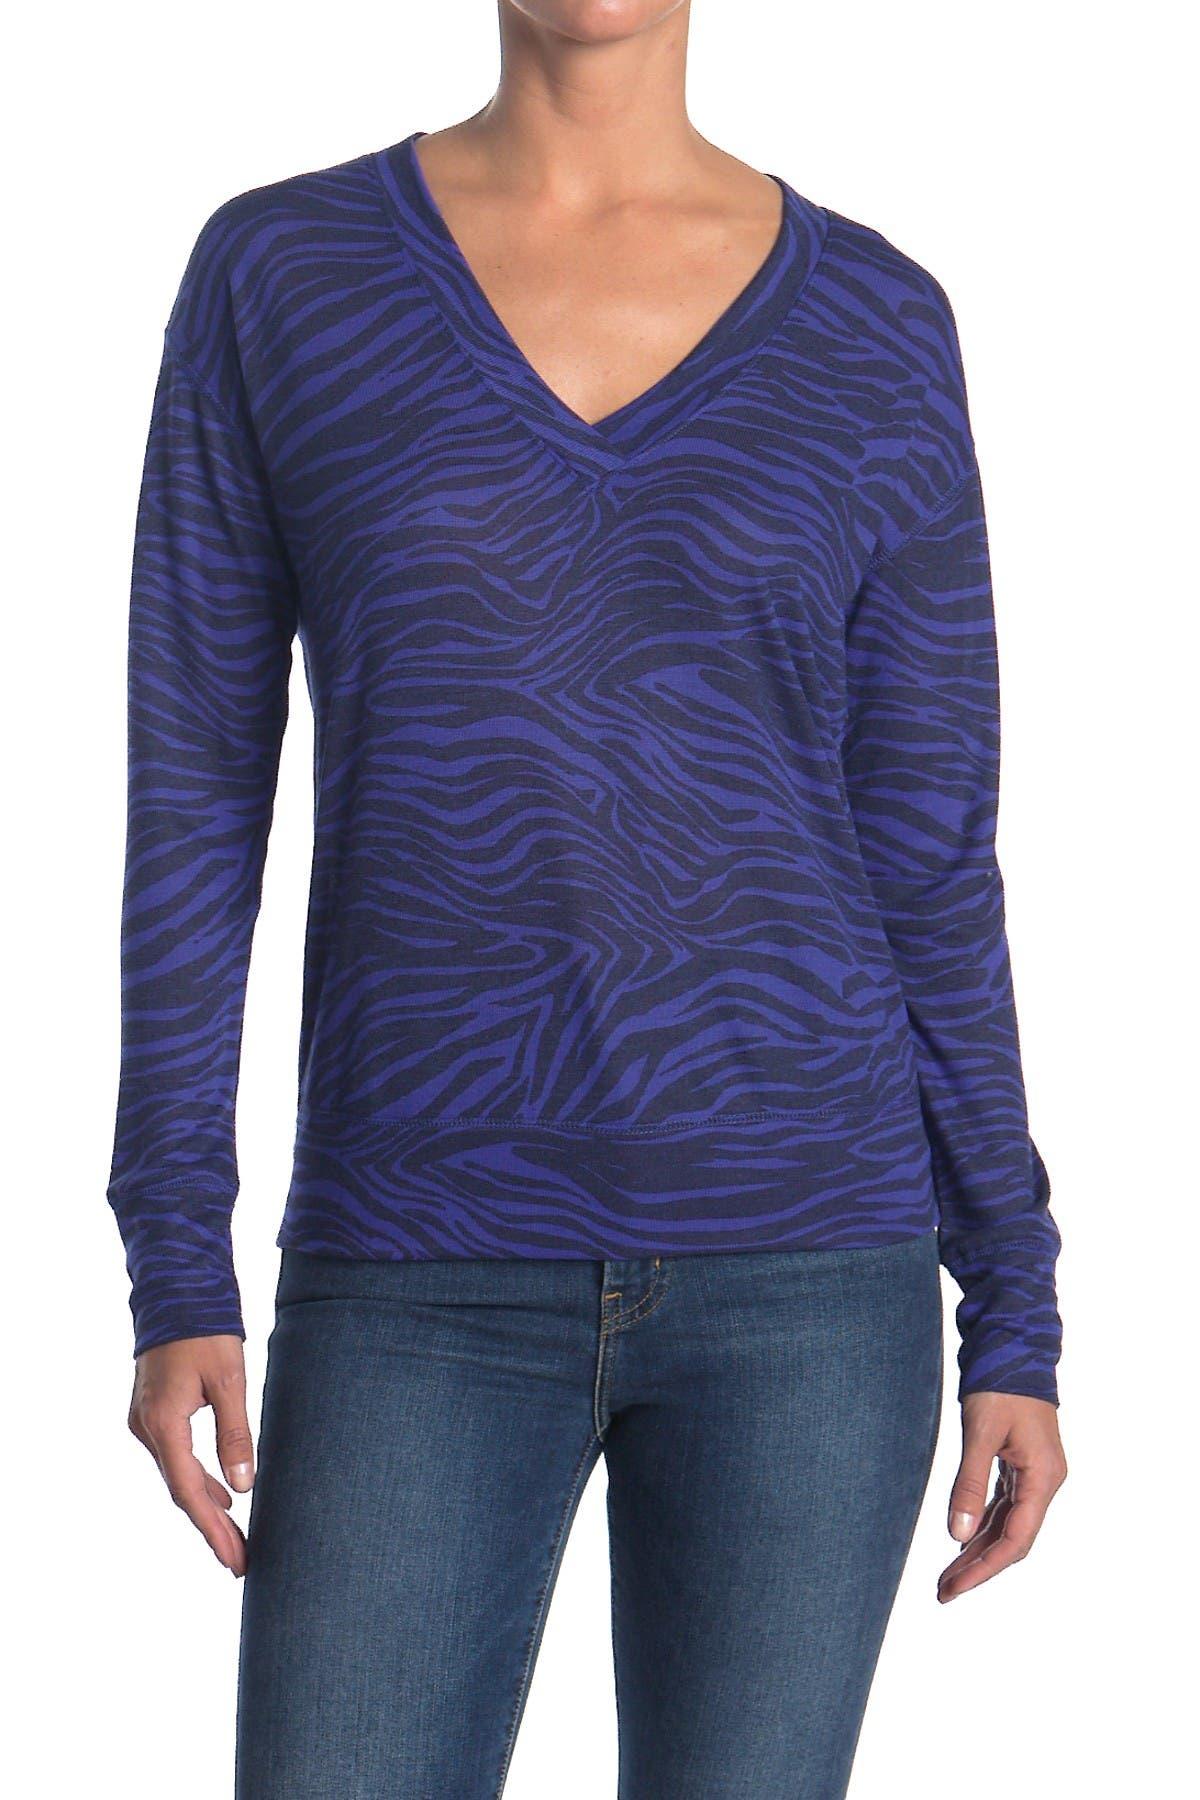 Image of David Lerner Jennifer Long Sleeve V-Neck Pullover